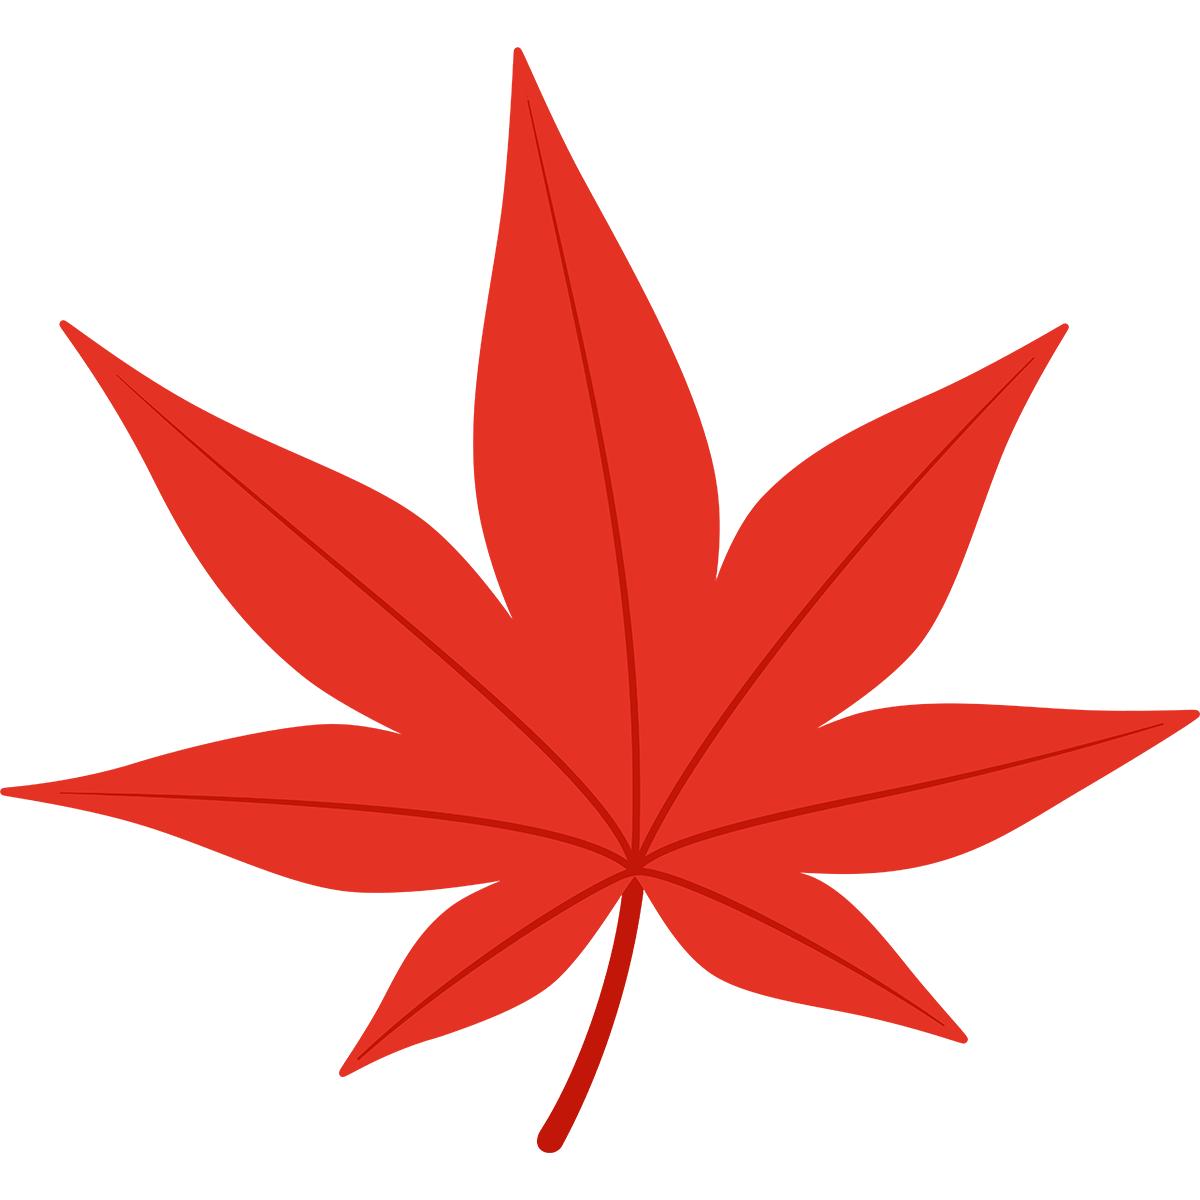 赤いモミジの葉の無料イラスト